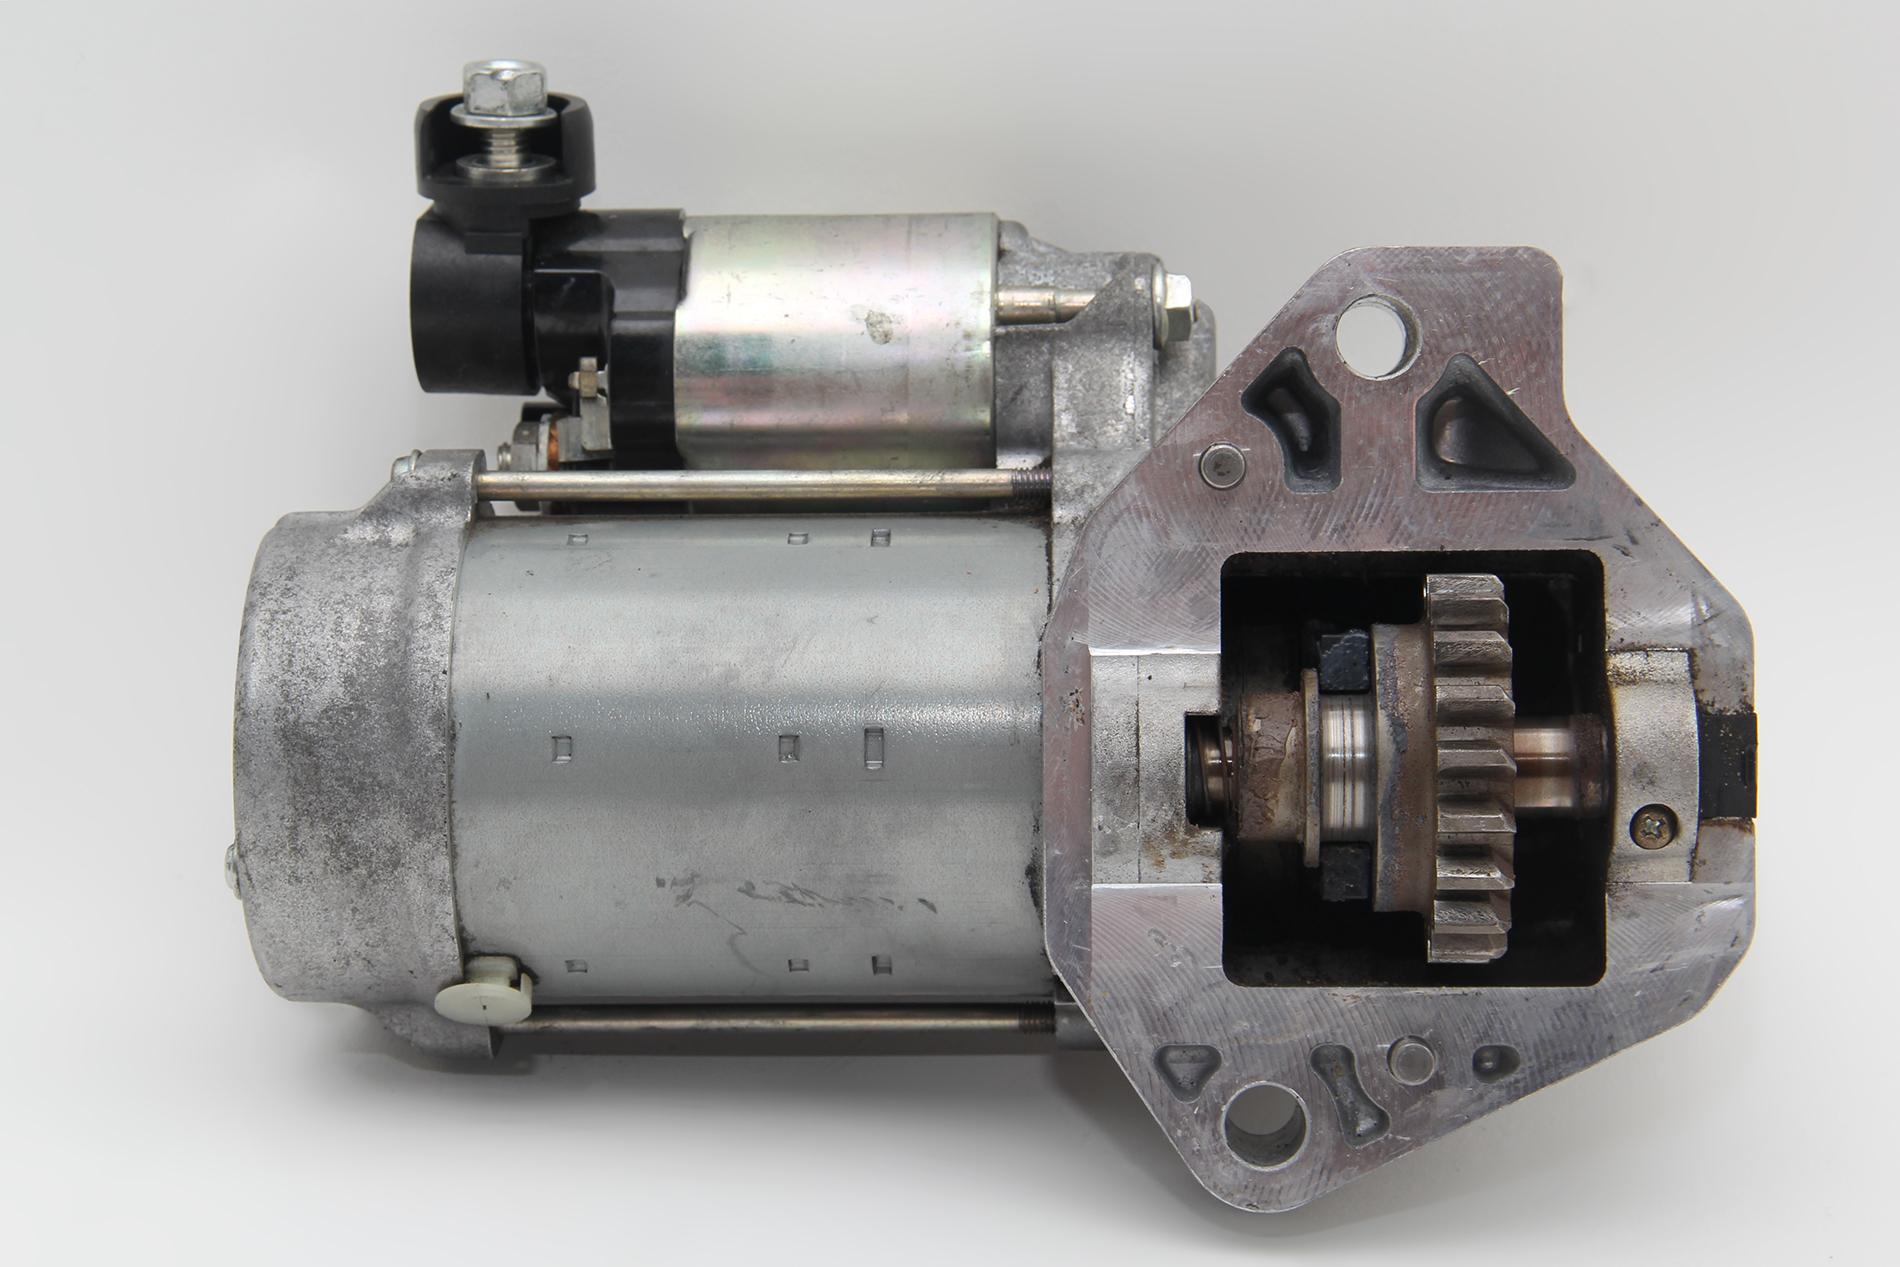 Acura TL 09-11 Starter Motor A/T, 3.5L V6 6 Cylinder 31200 ...